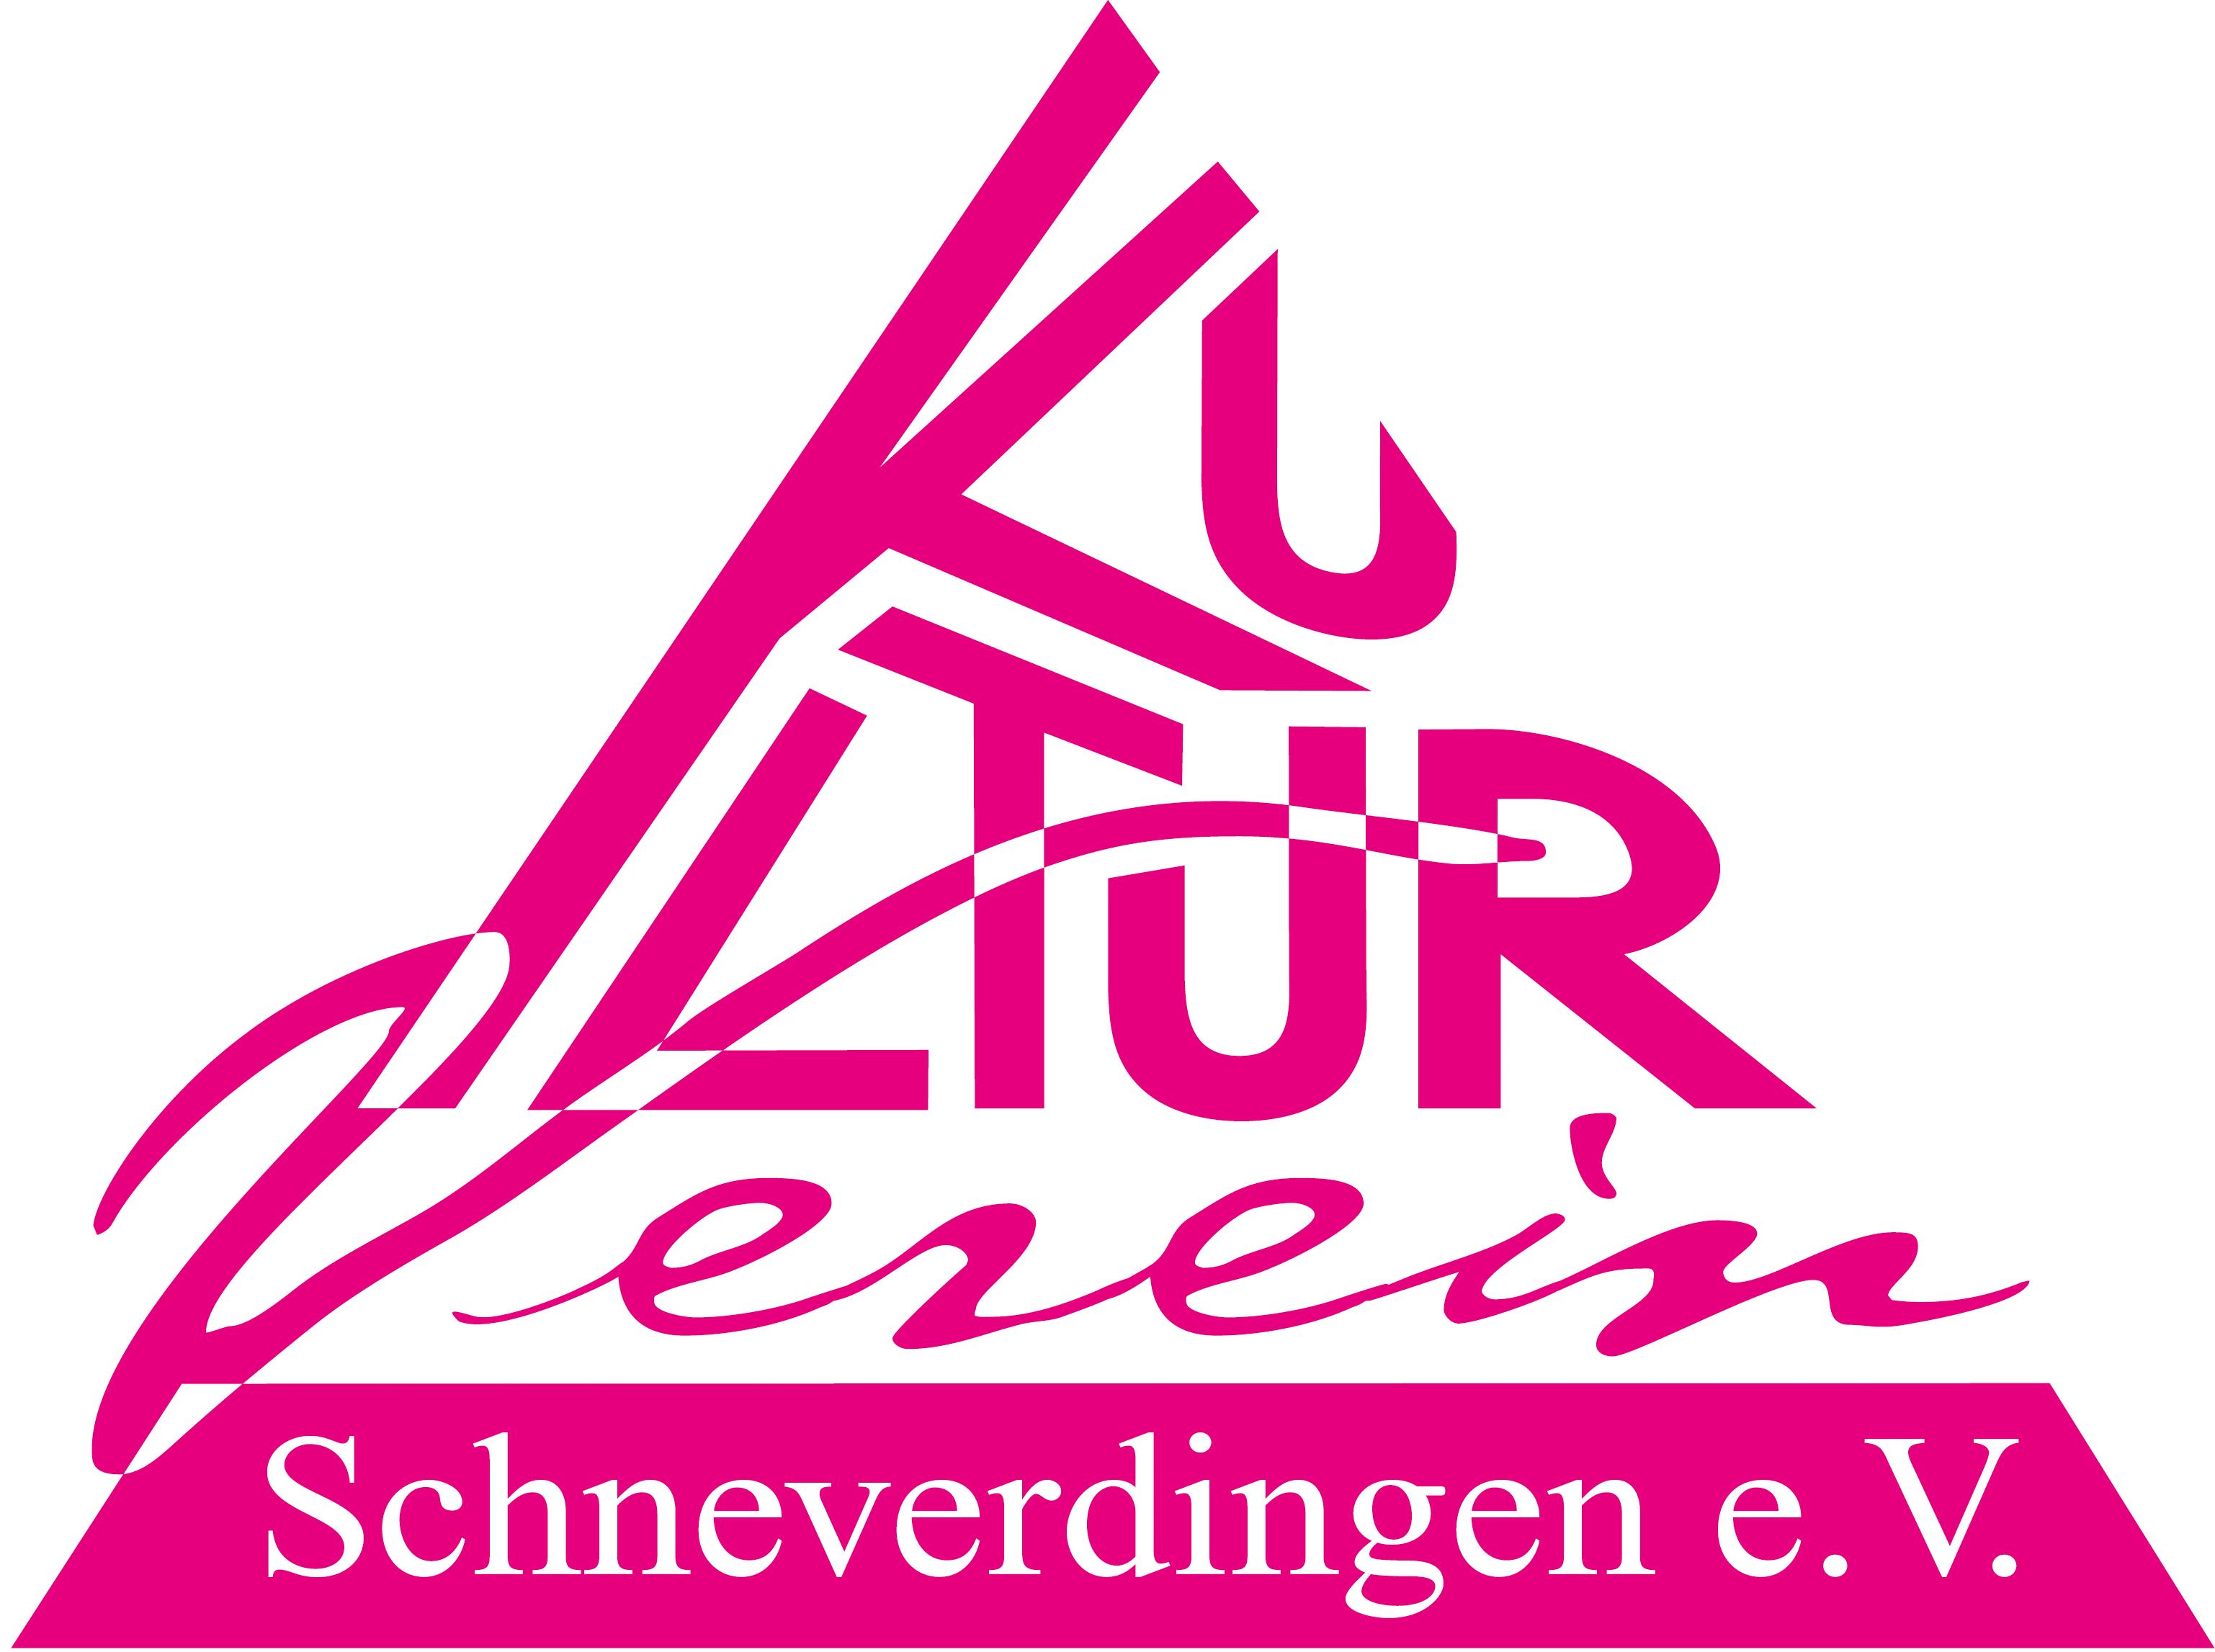 Bildergebnis für fotos vom kulturverein schneverdingen lüneburger heide